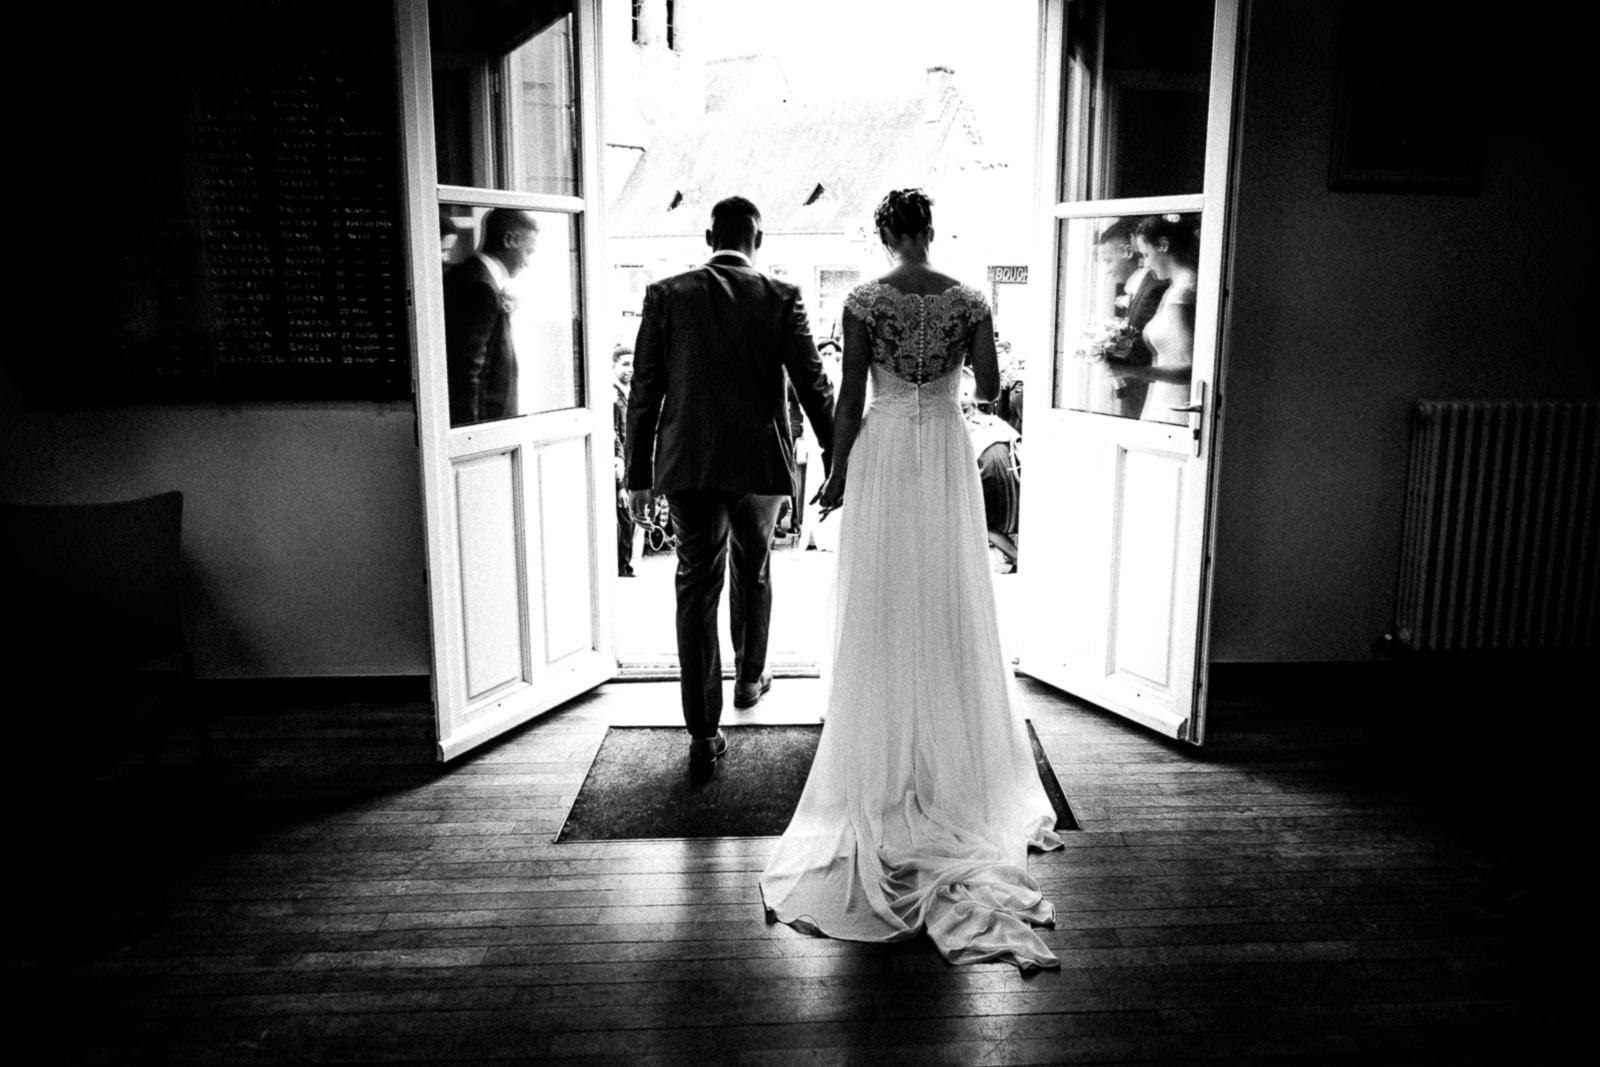 Mariage d'Ophélie et Christophe à Tours d'un photographe du Loiret de Lorris